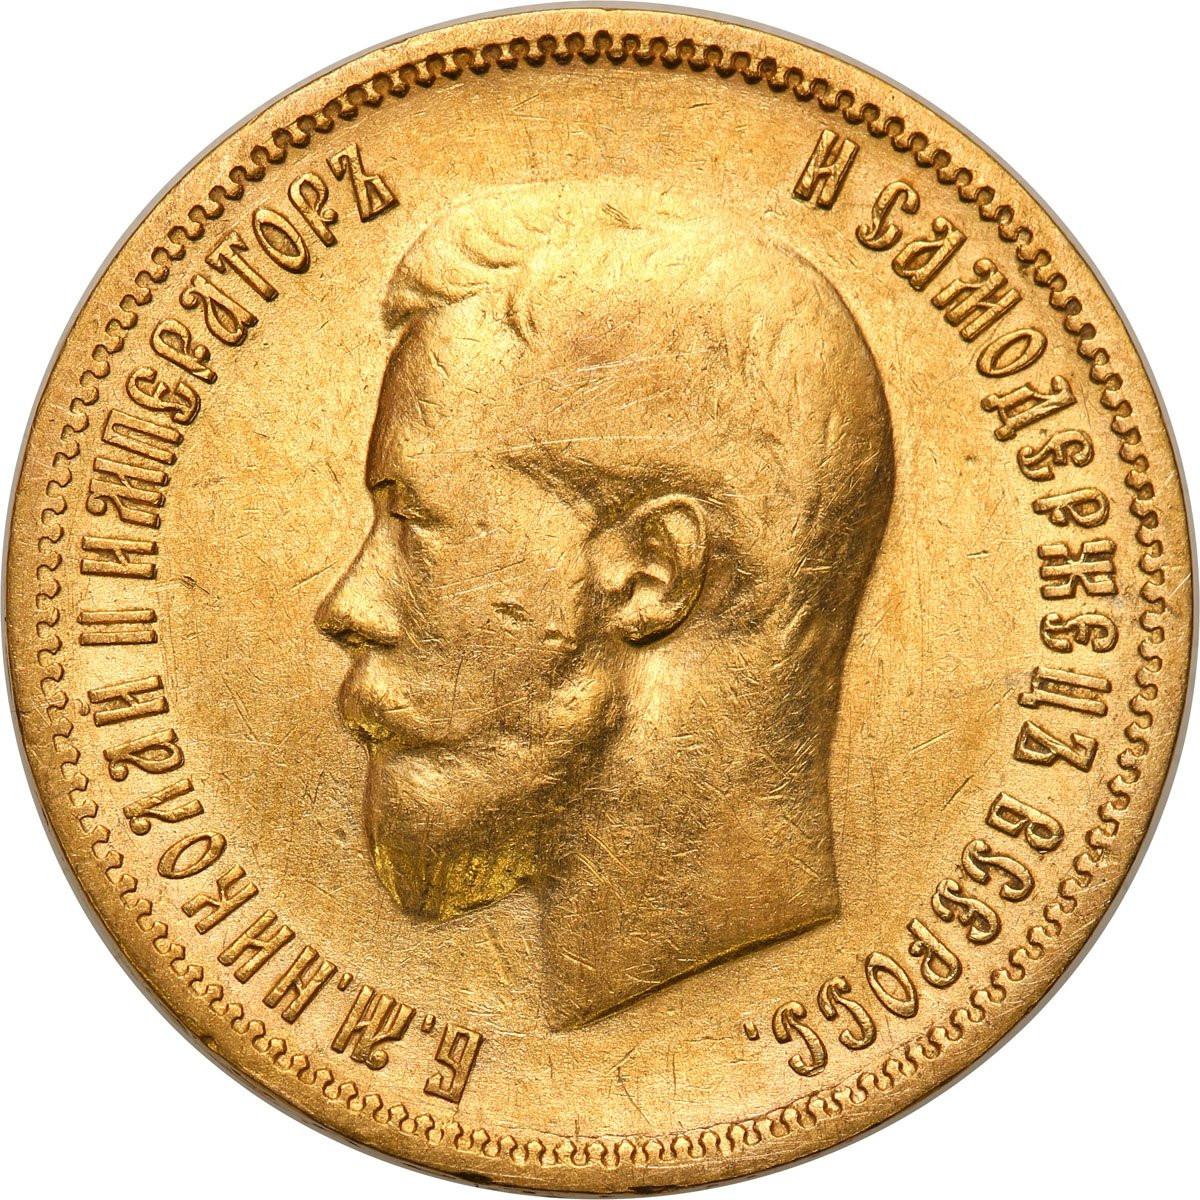 Rosja. Mikołaj II. 10 rubli 1900 ФЗ - FZ, Petersburg